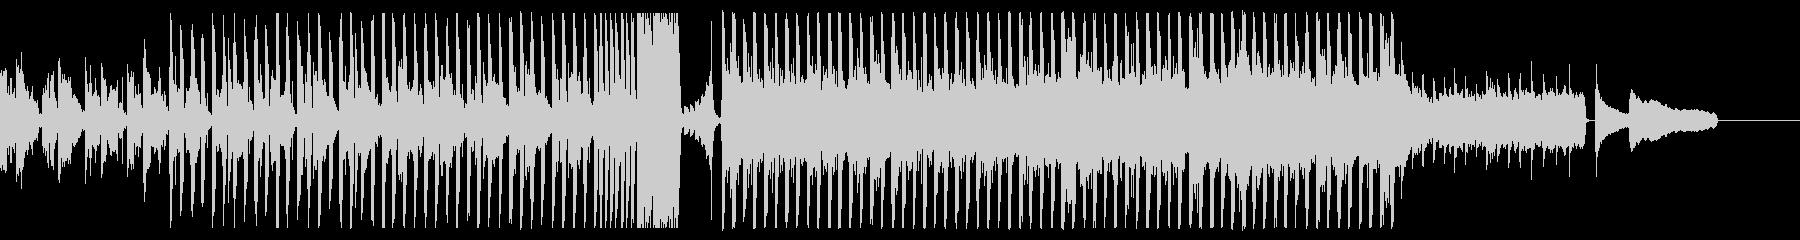 ピアノとシンセの明るいテクノポップBGMの未再生の波形